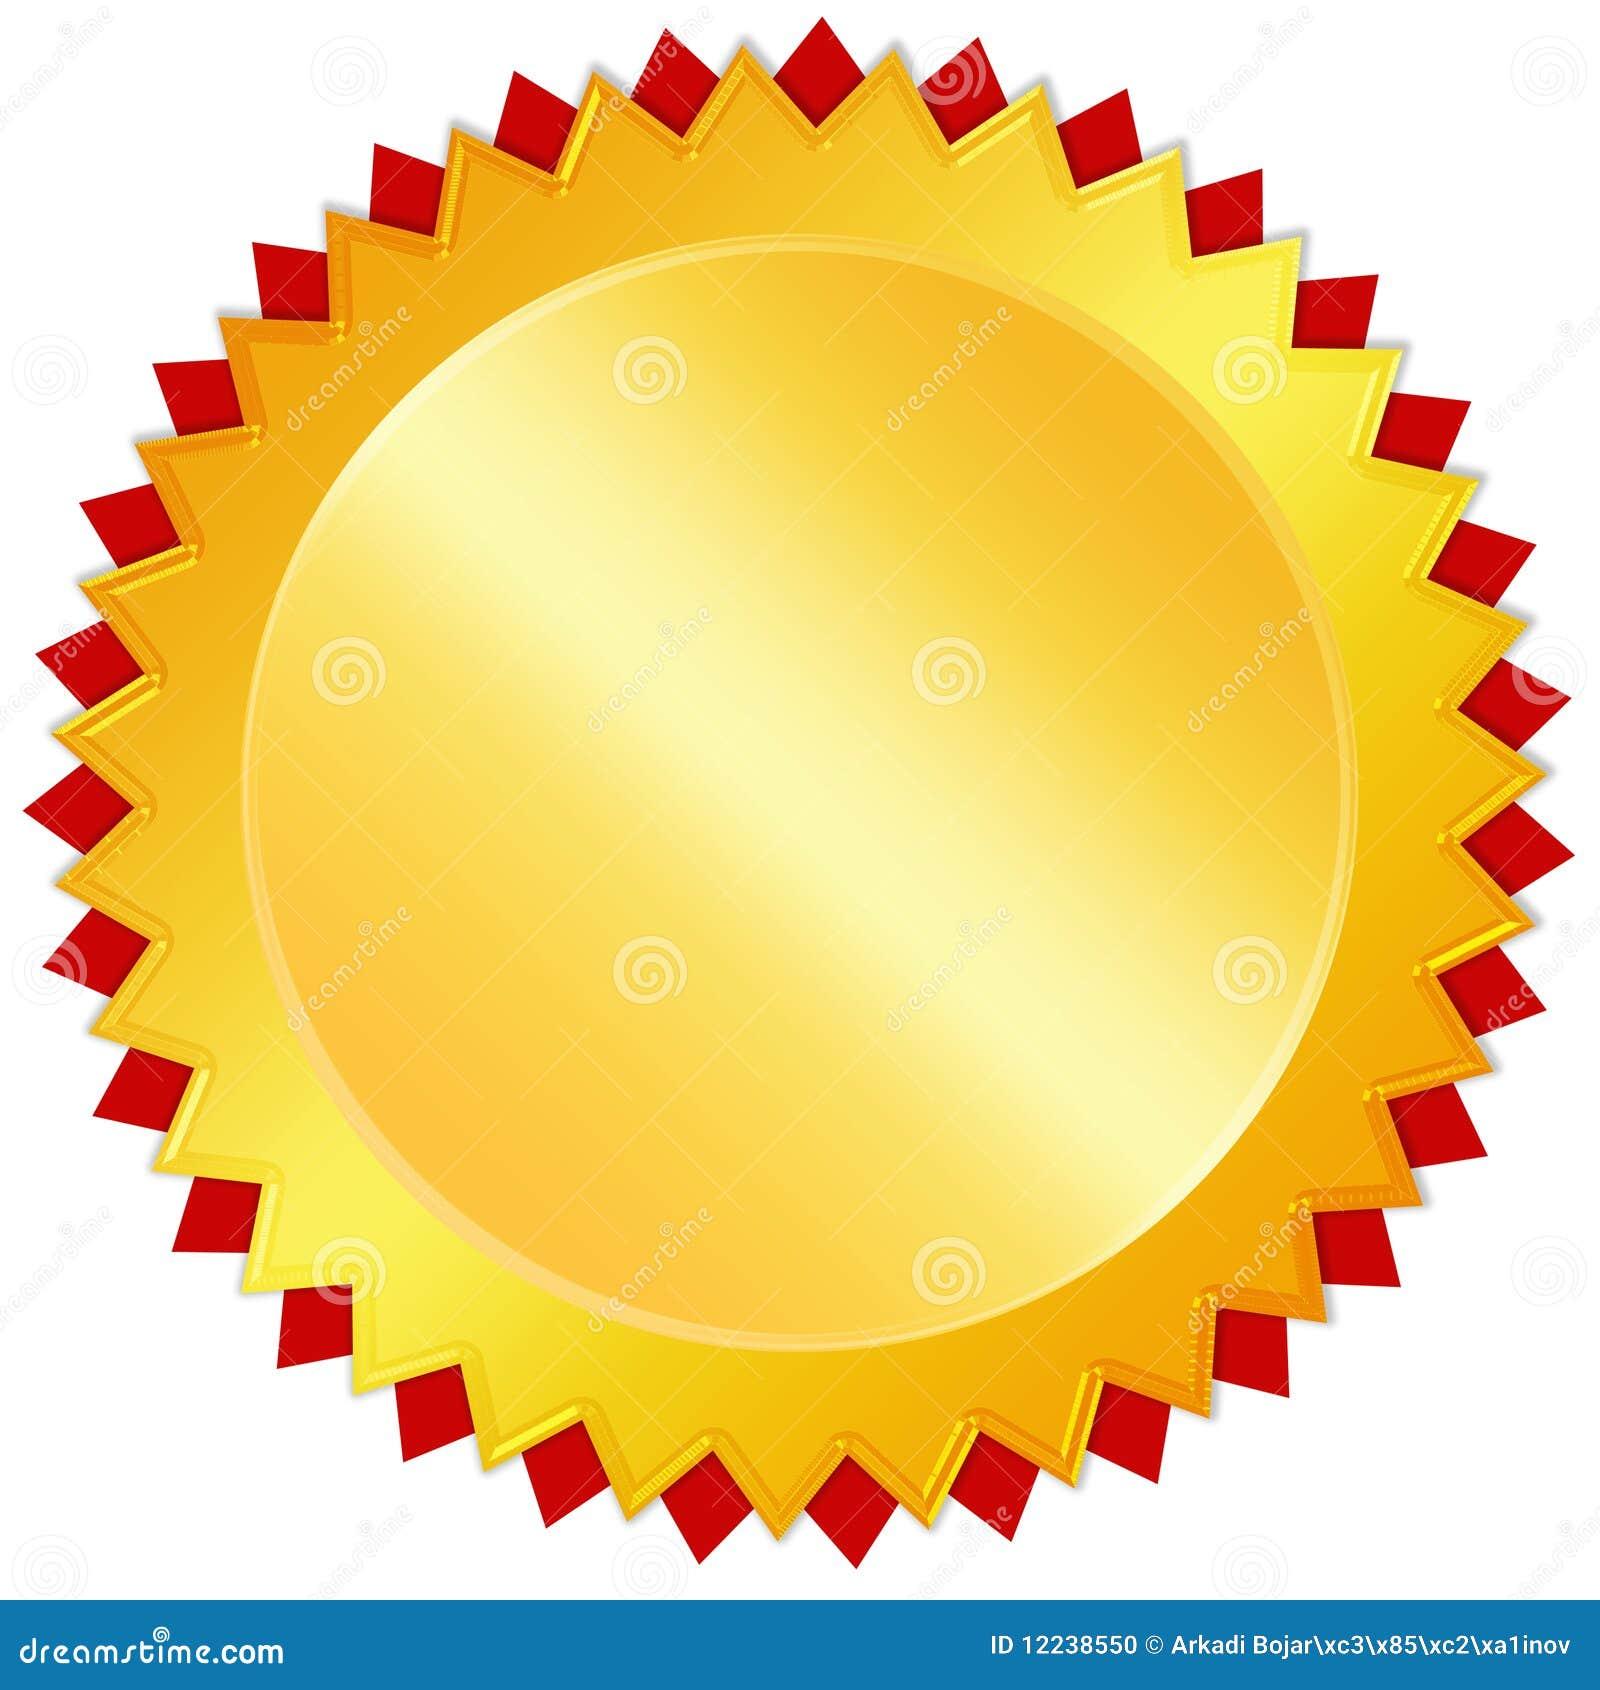 Blank golden medal